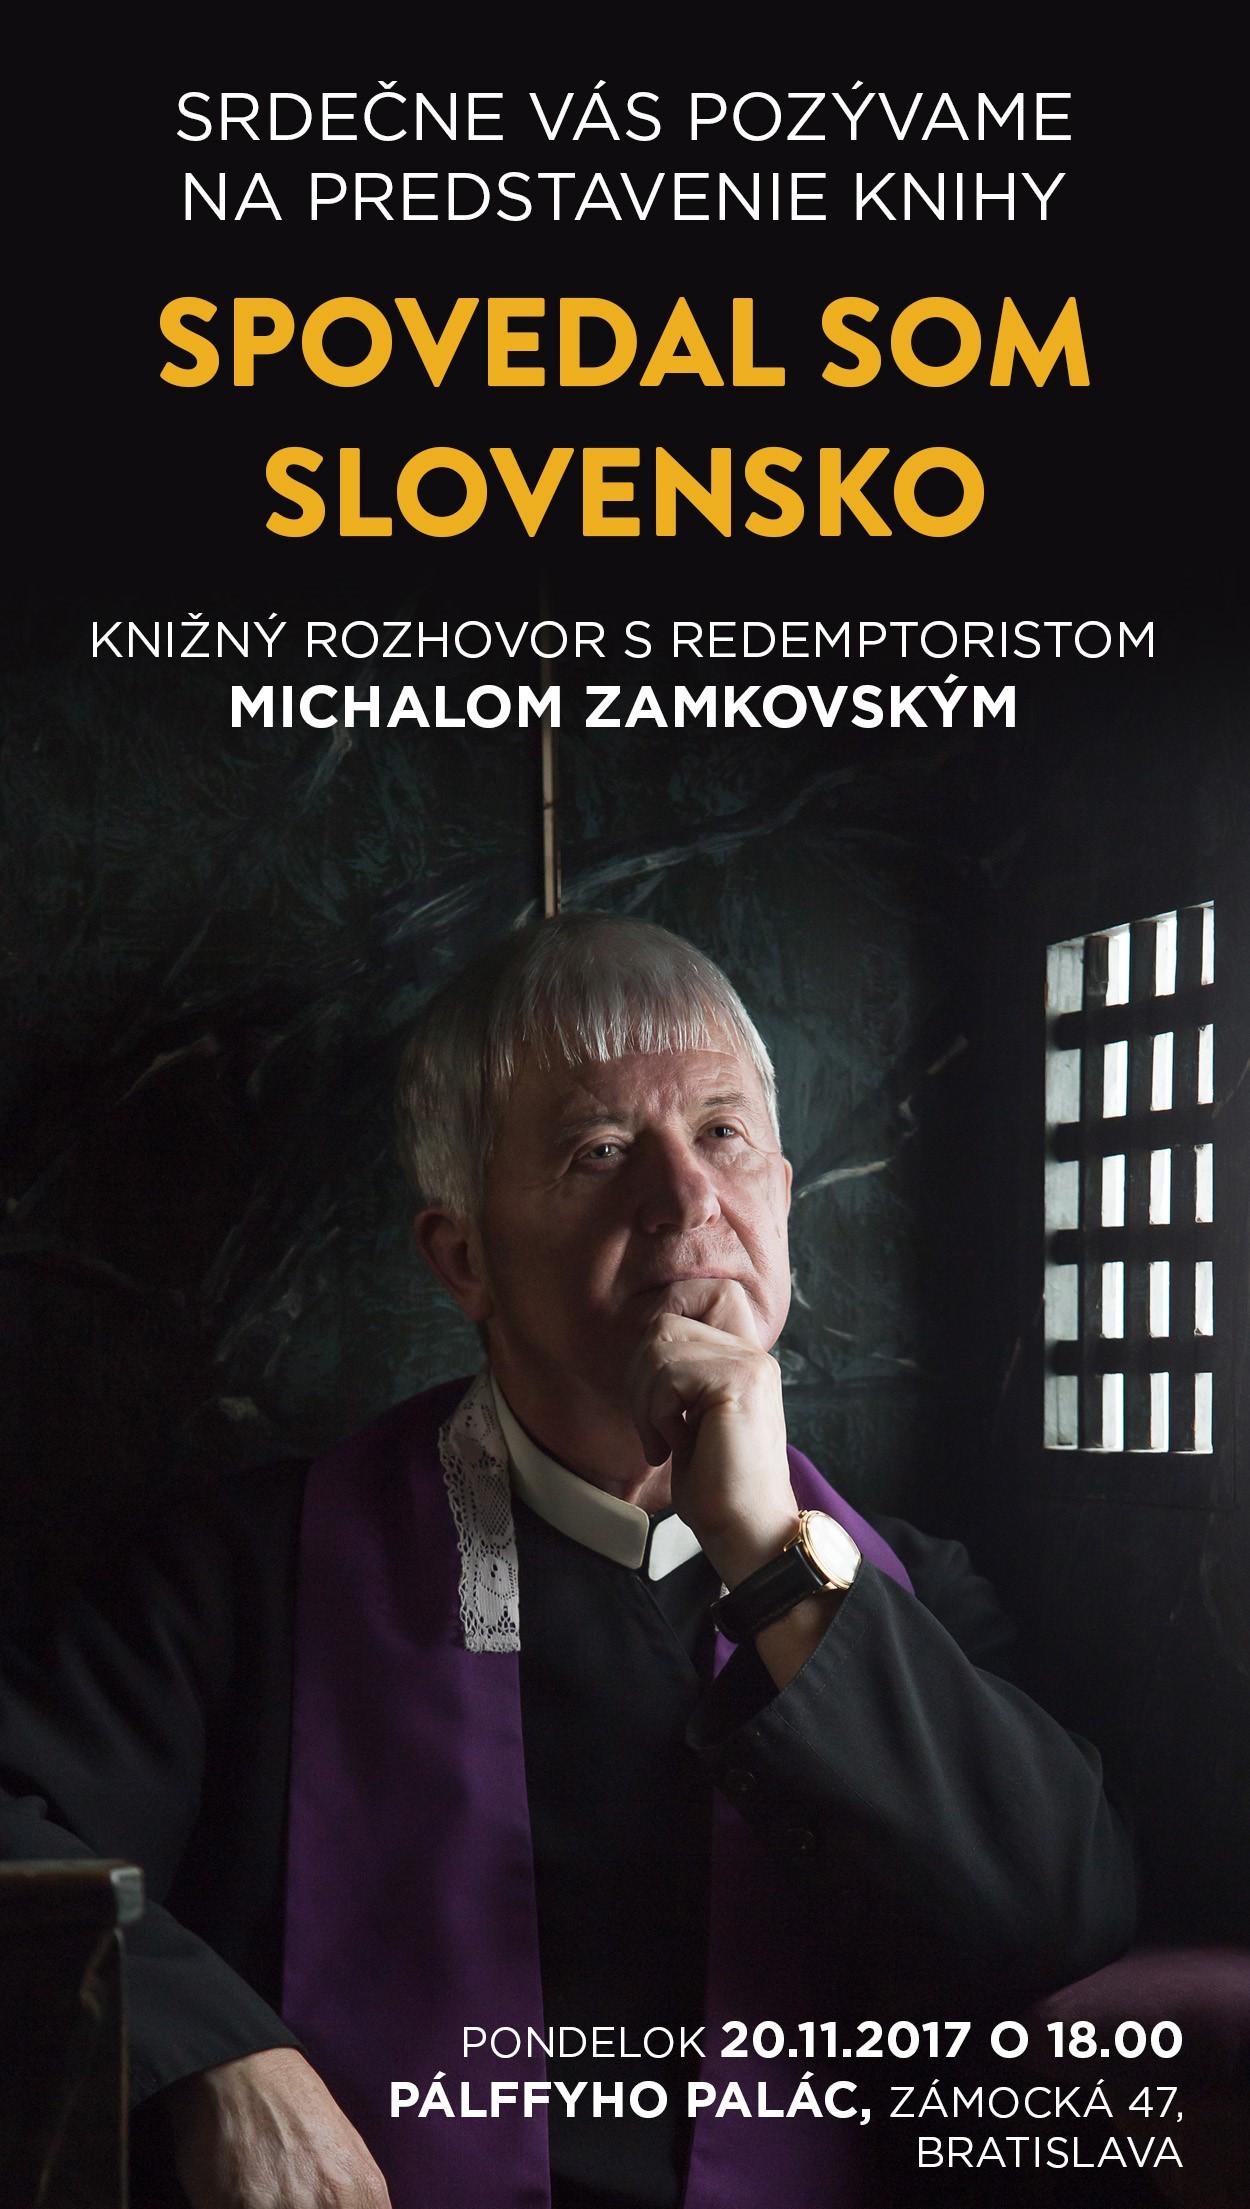 Predstavenie knihy Spovedal som Slovensko v Bratislave a Košiciach